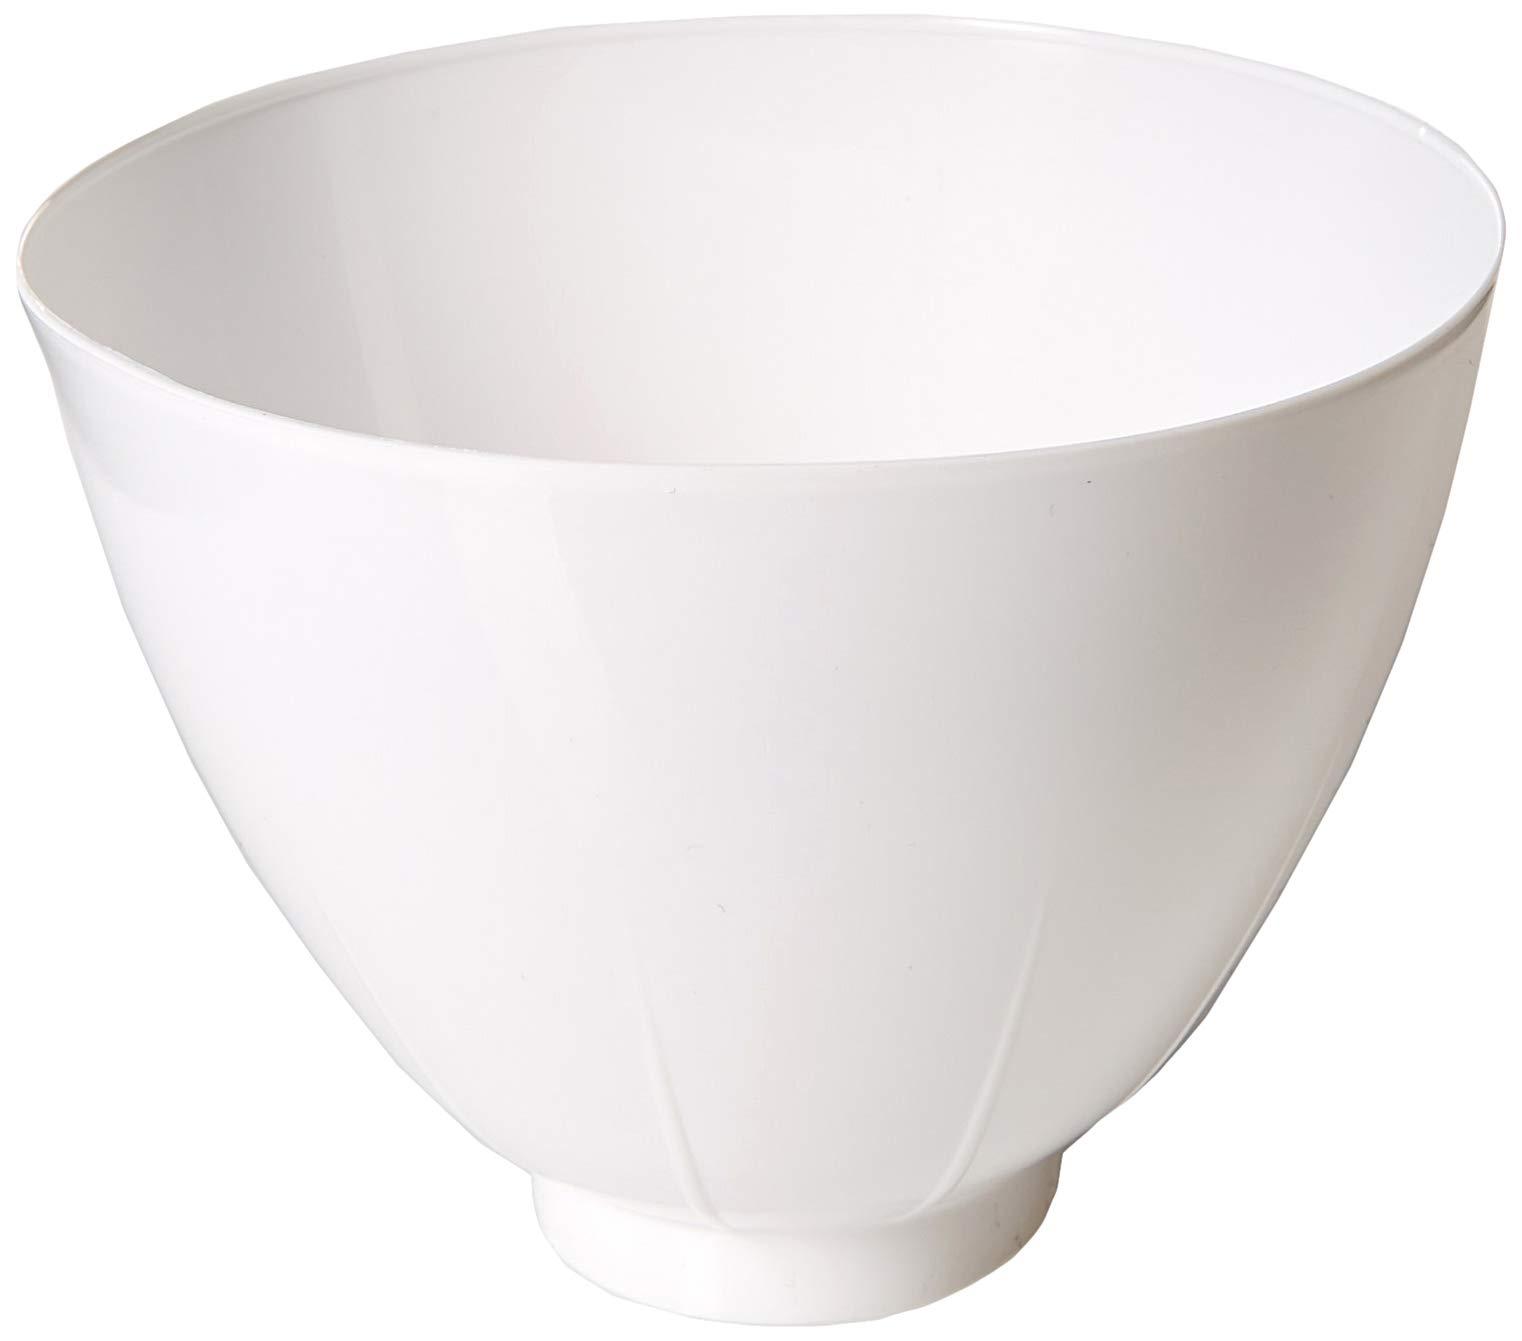 Disposable Dental Mixing Bowls (50 bowls per pkg)